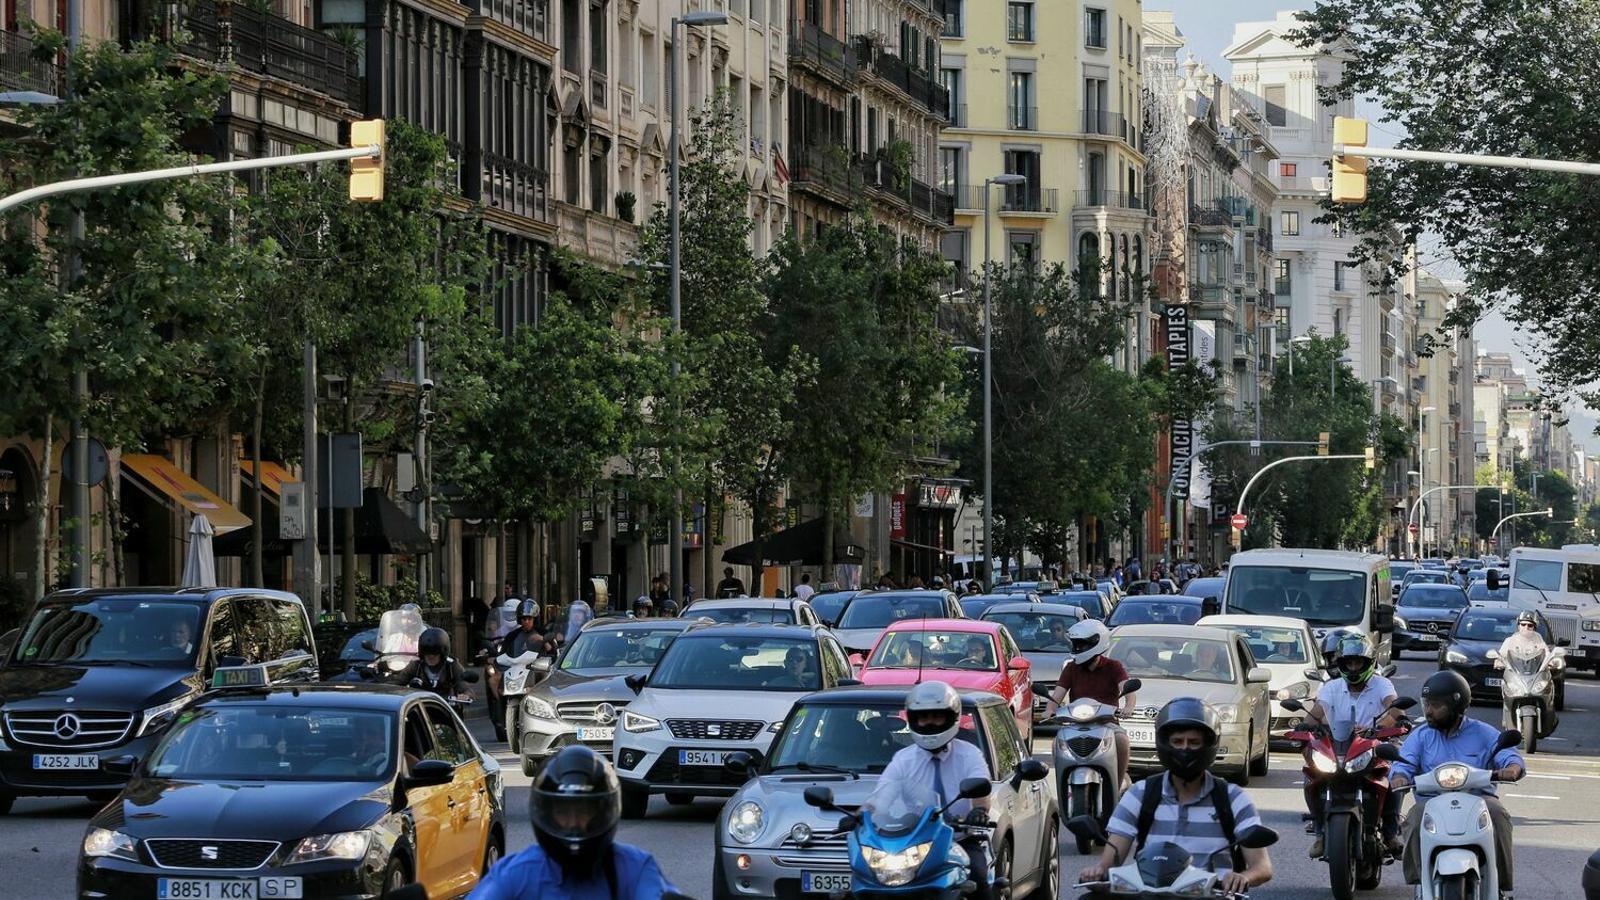 Cotxes al carrer Aragó de Barcelona. / M. R. F.